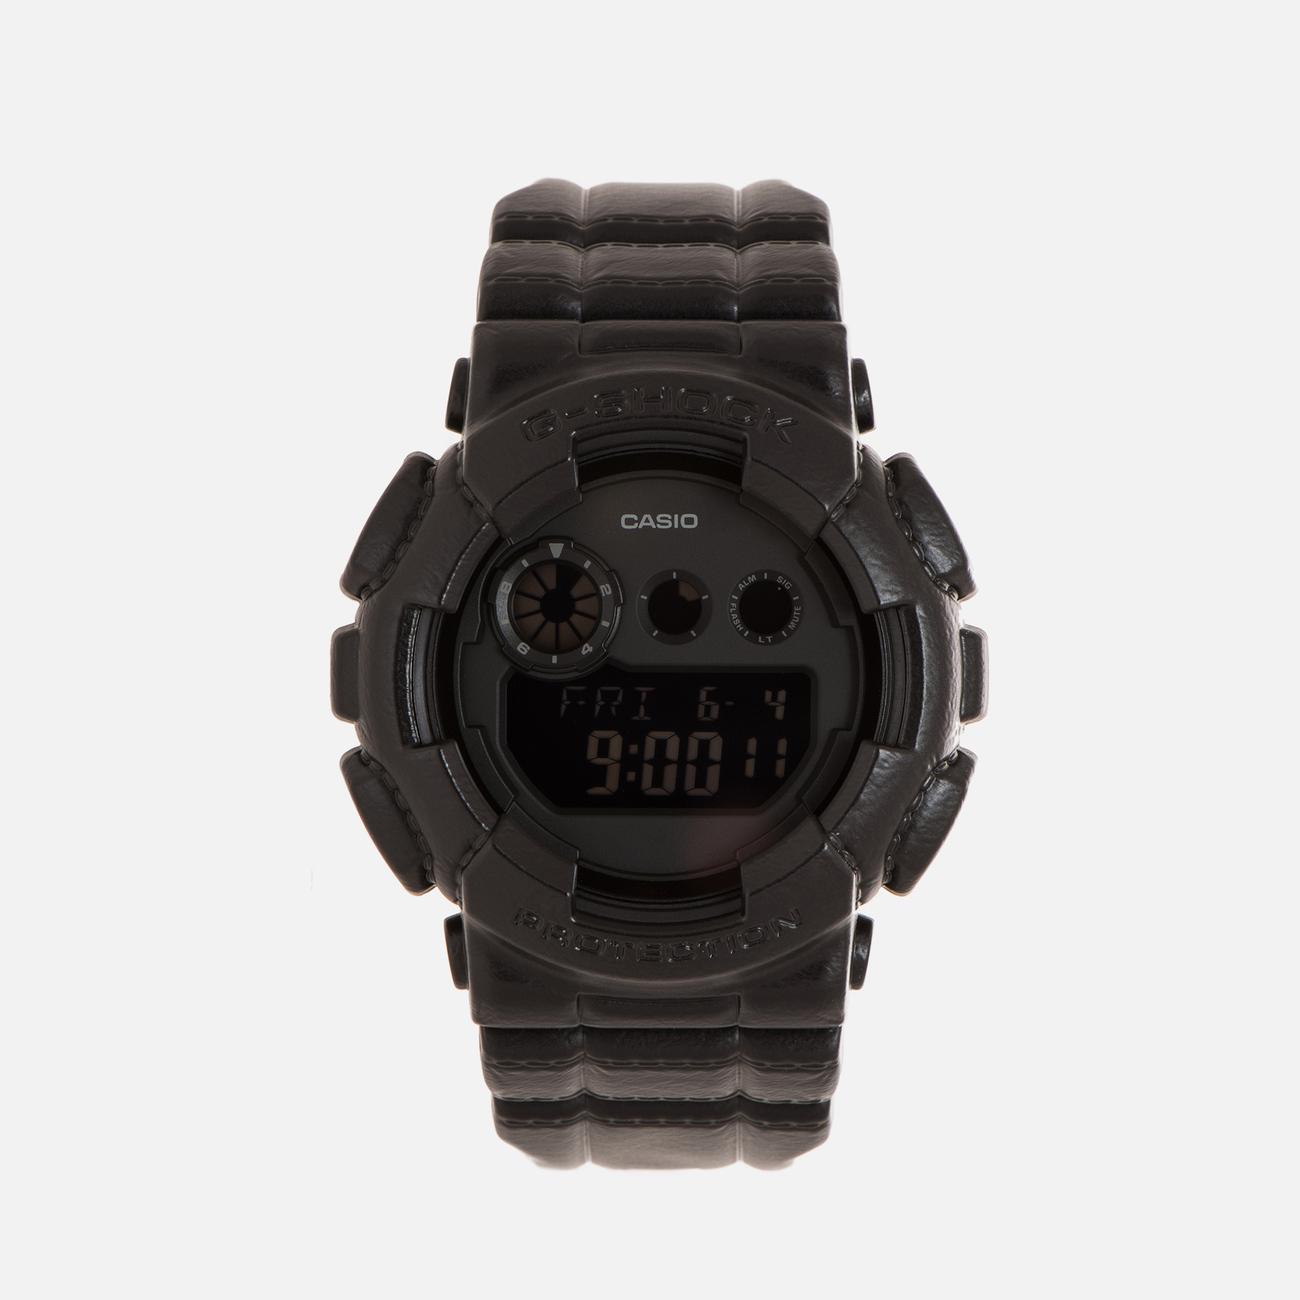 Наручные часы CASIO G-SHOCK GD-120BT-1E Black Leather Texture Series Black